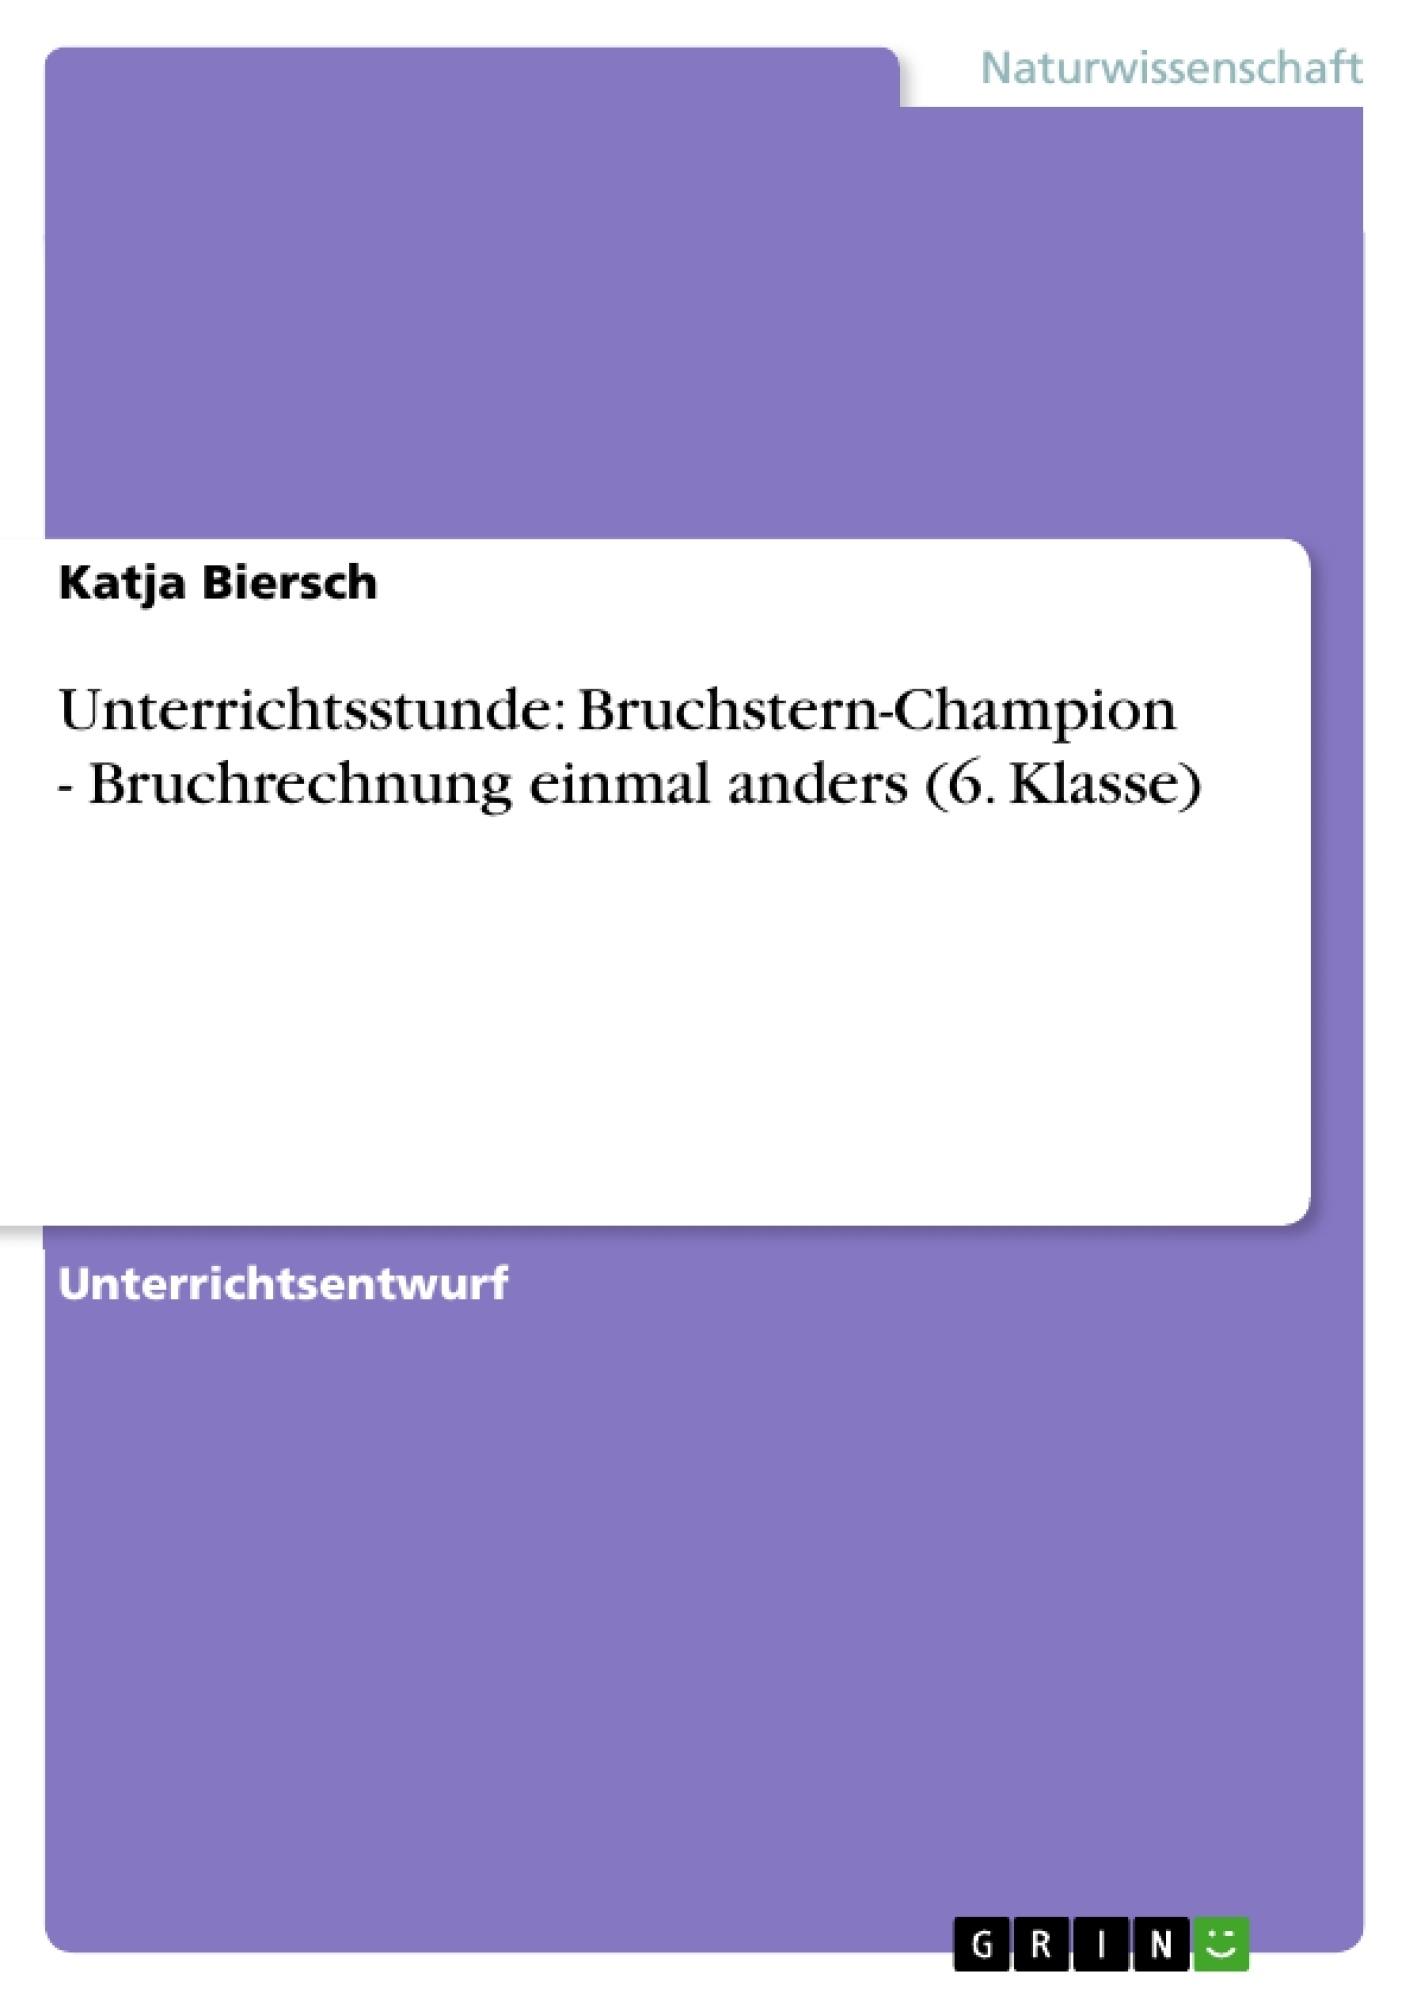 Titel: Unterrichtsstunde: Bruchstern-Champion - Bruchrechnung einmal anders (6. Klasse)